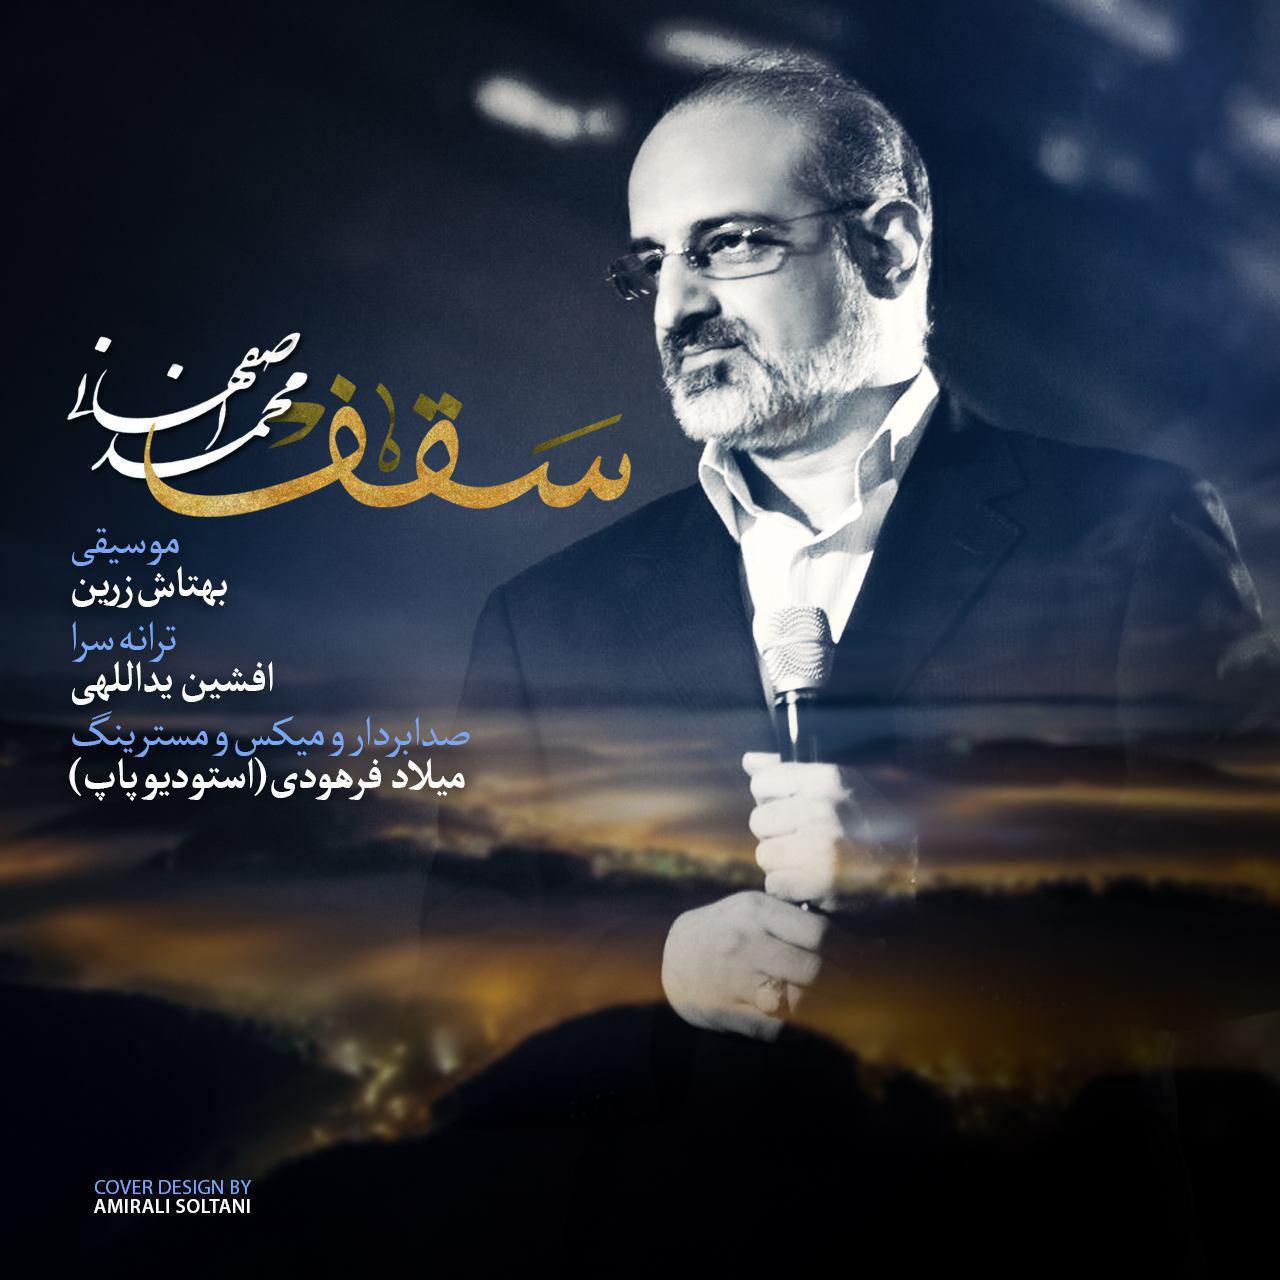 دانلود آهنگ جديد محمد اصفهانی به نام سقف